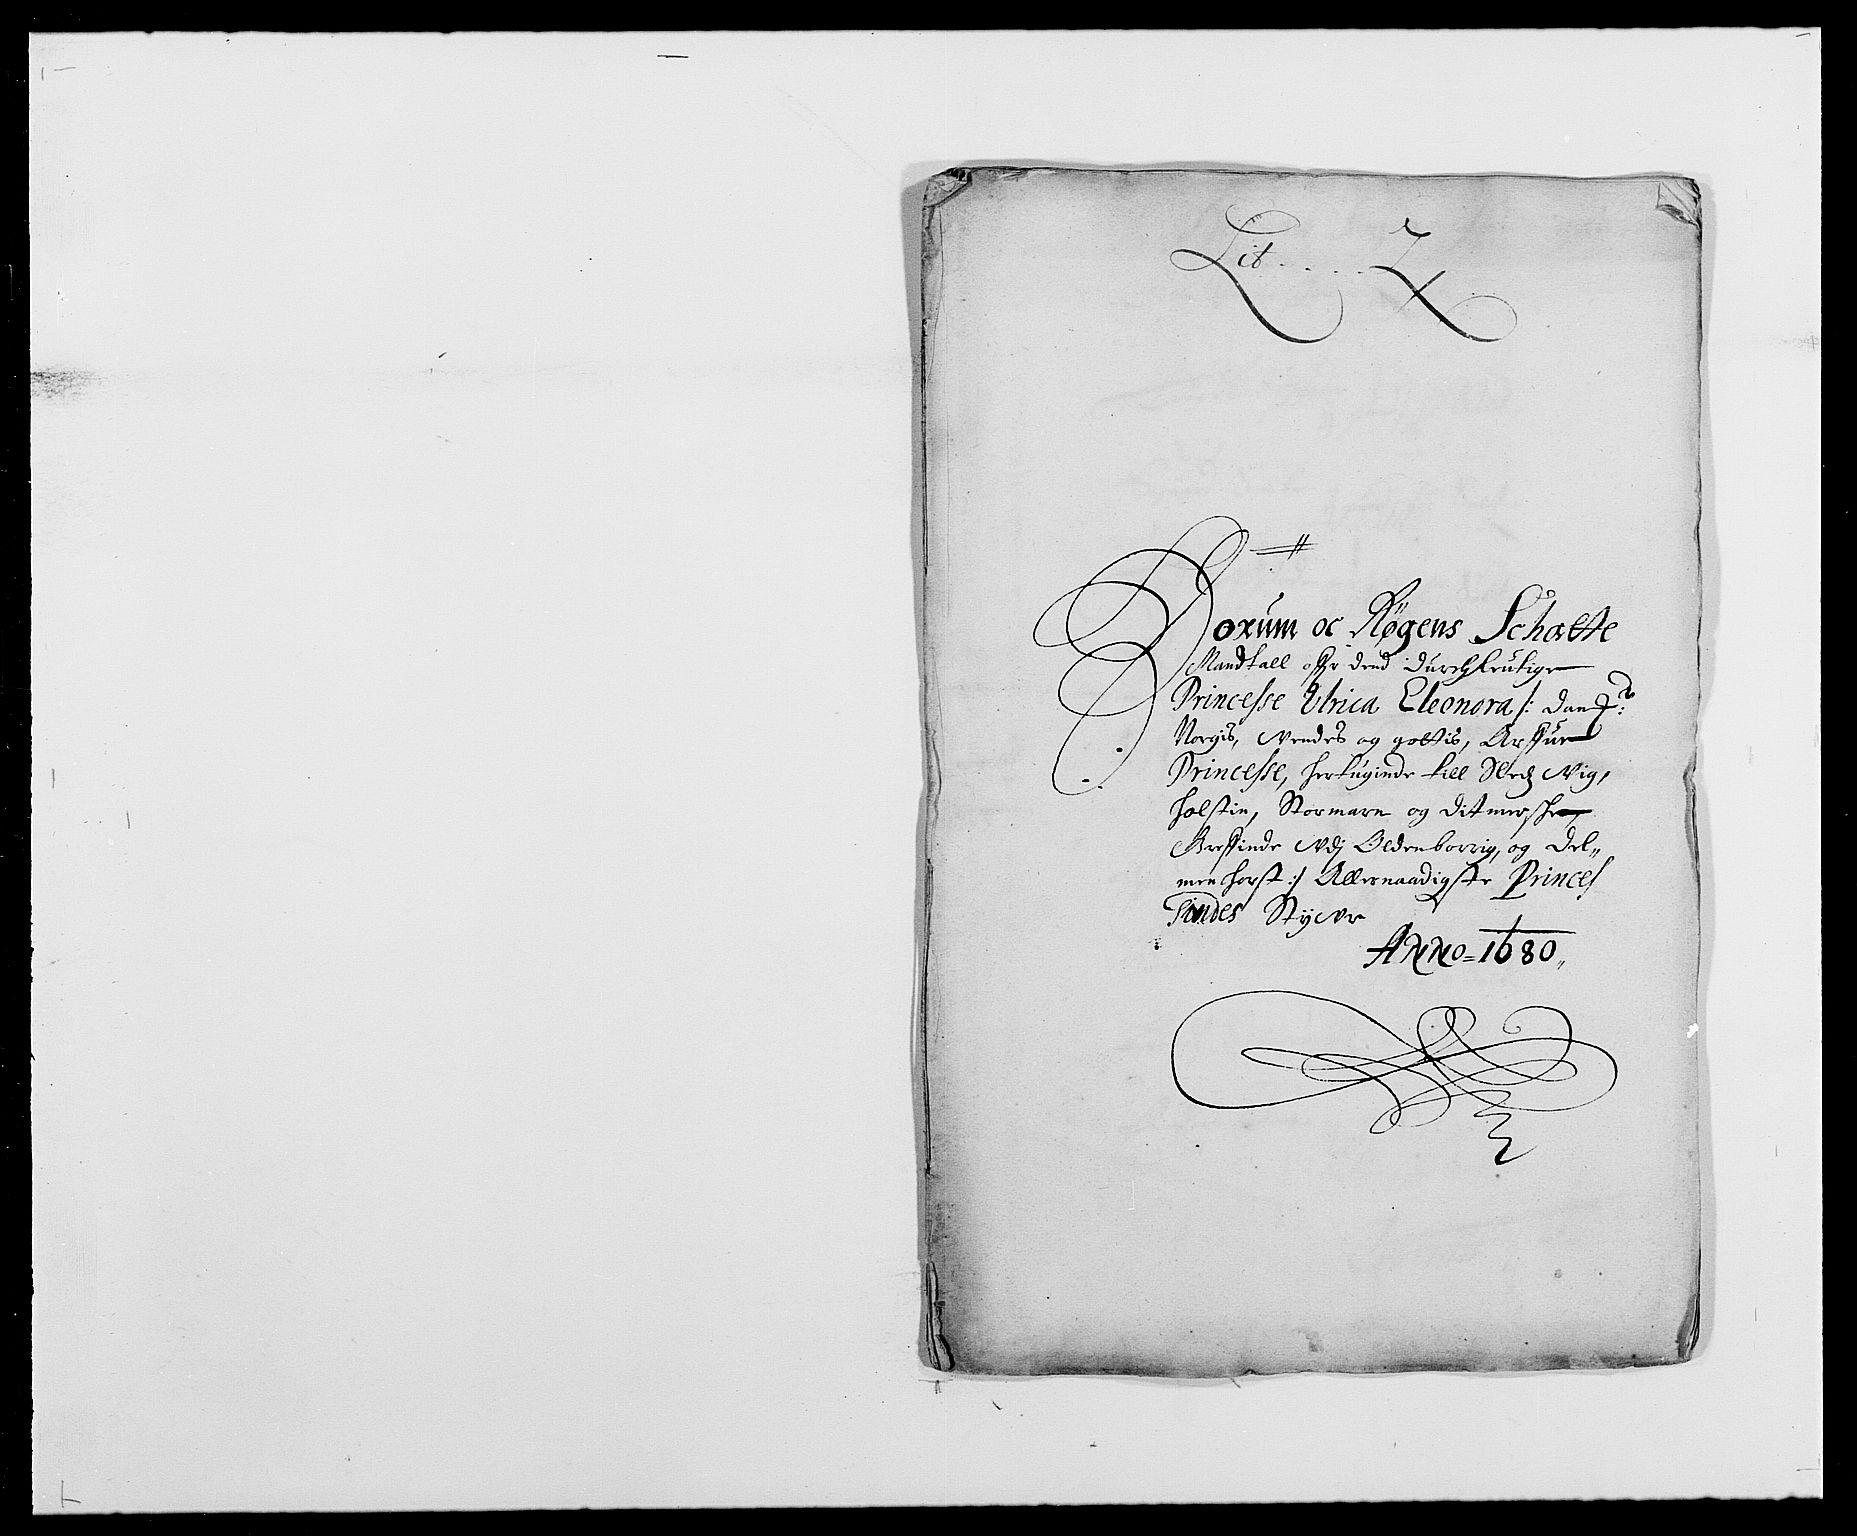 RA, Rentekammeret inntil 1814, Reviderte regnskaper, Fogderegnskap, R29/L1691: Fogderegnskap Hurum og Røyken, 1678-1681, s. 317